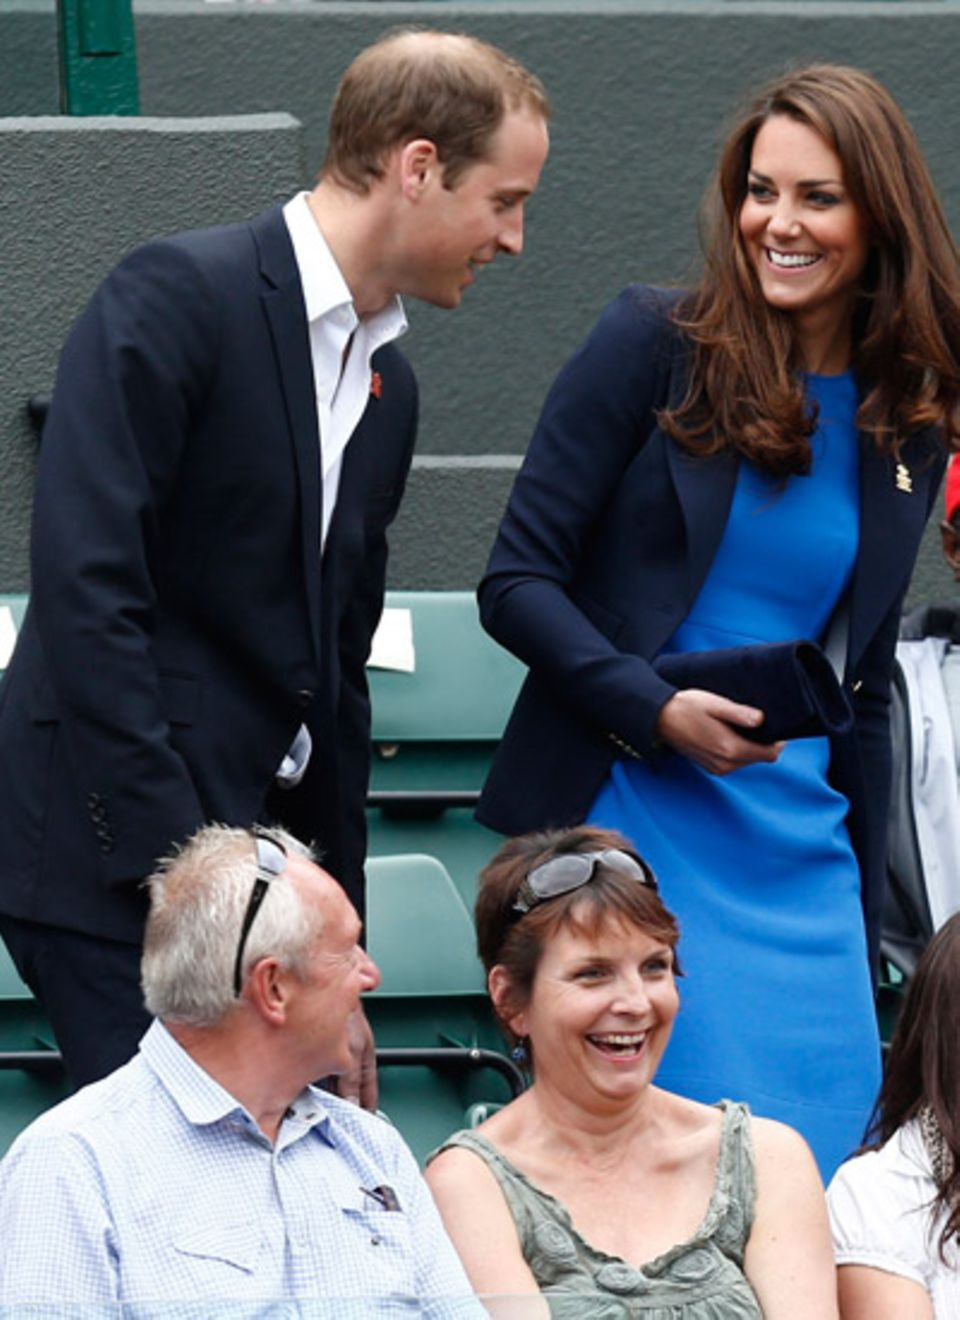 2. August 2012: Prinz William und Herzogin Catherine nehmen ihre Plätze am Spielfeldrand ein. Das royale Pärchen schaut sich das